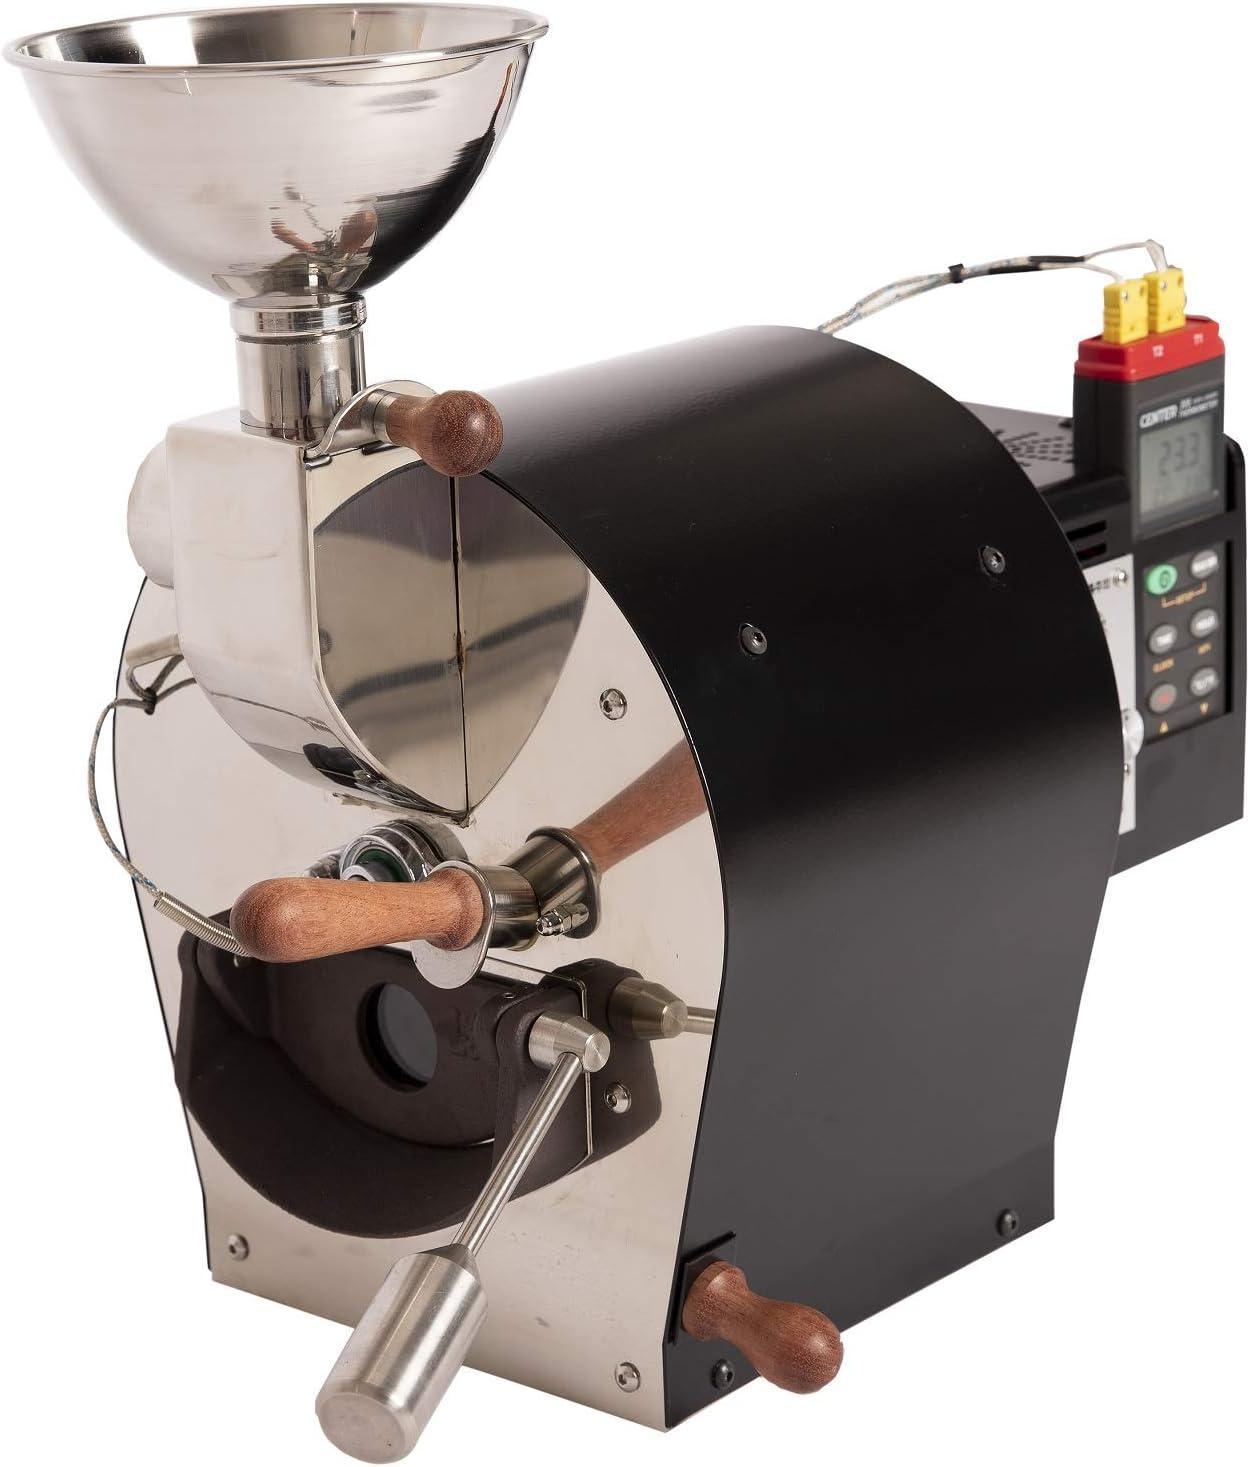 BOCABOCA Coffee Bean Roaster Cooler Grinder 250 Roasting Machine Home Cafe Nuts